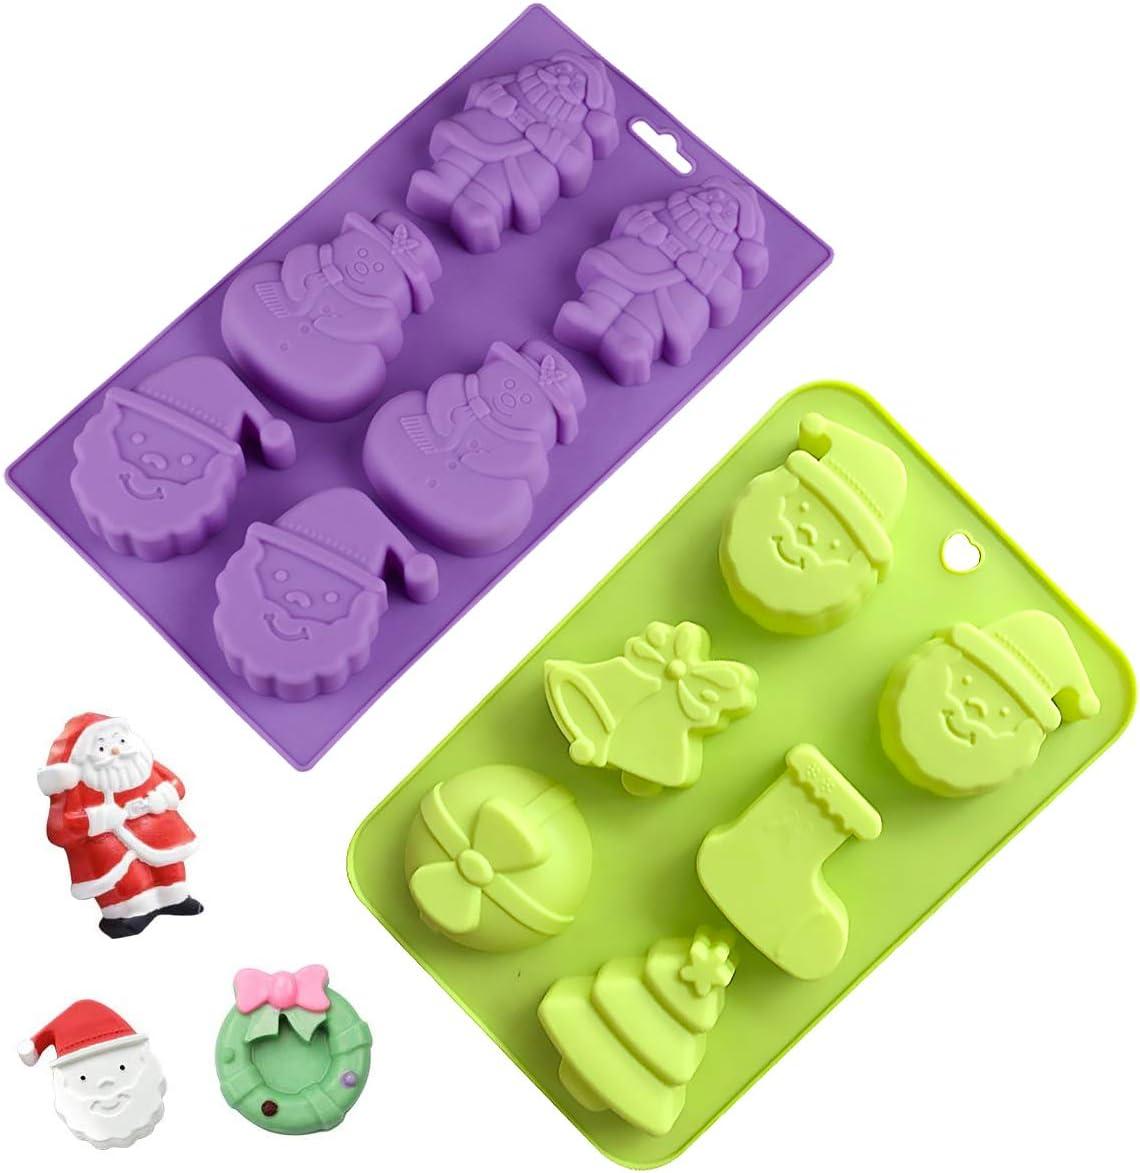 YWQ 2 Moldes de Silicona para Navidad,Molde de Jabón de Navidad